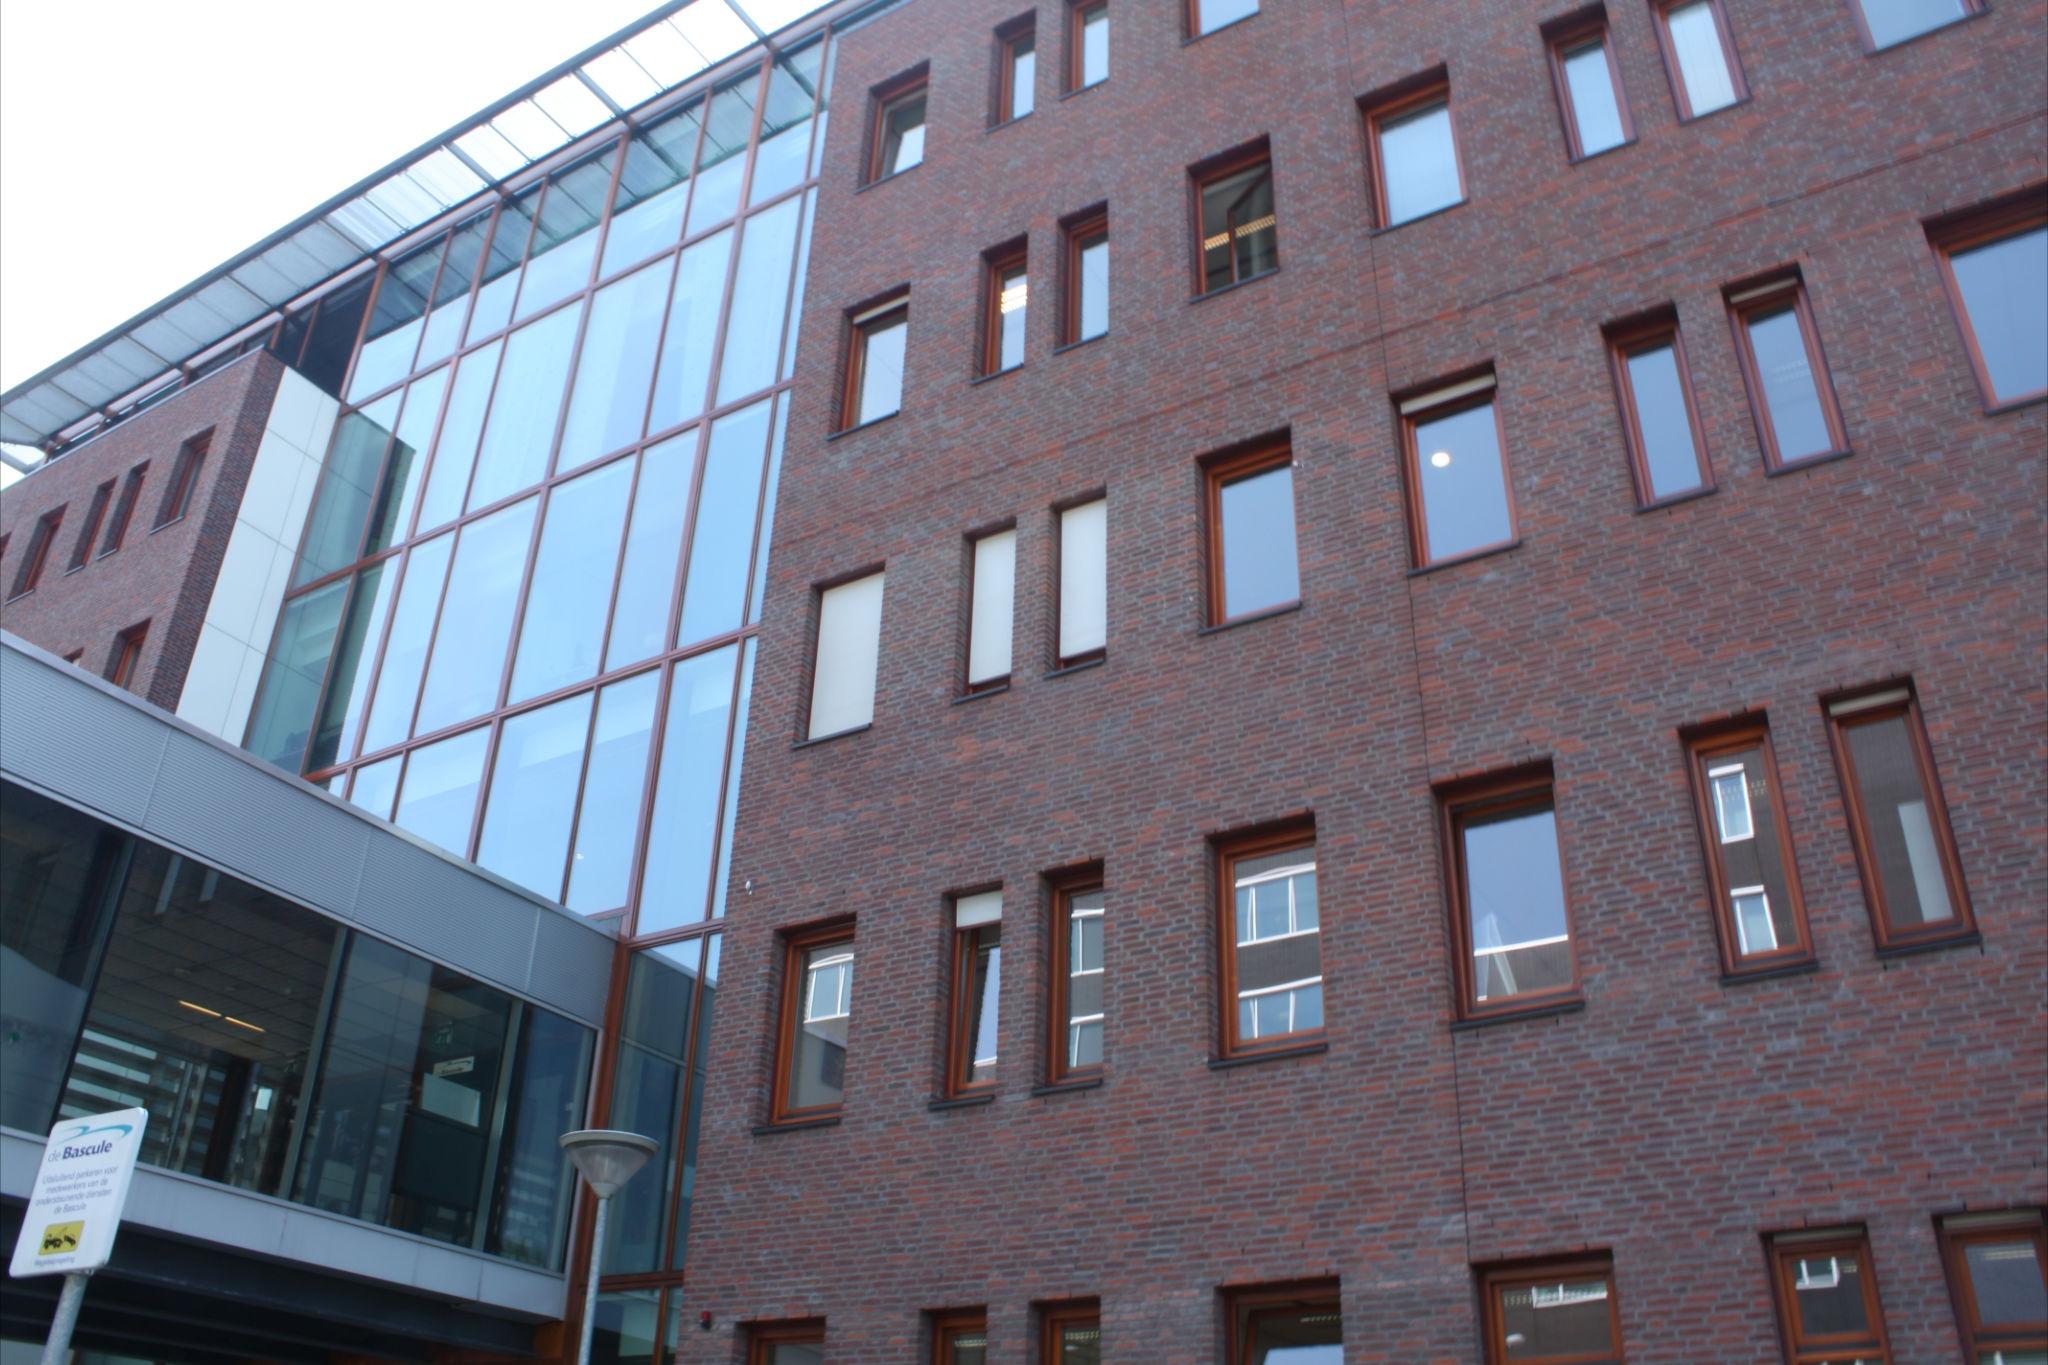 de Bascule, locatie Amsterdam Zuidoost